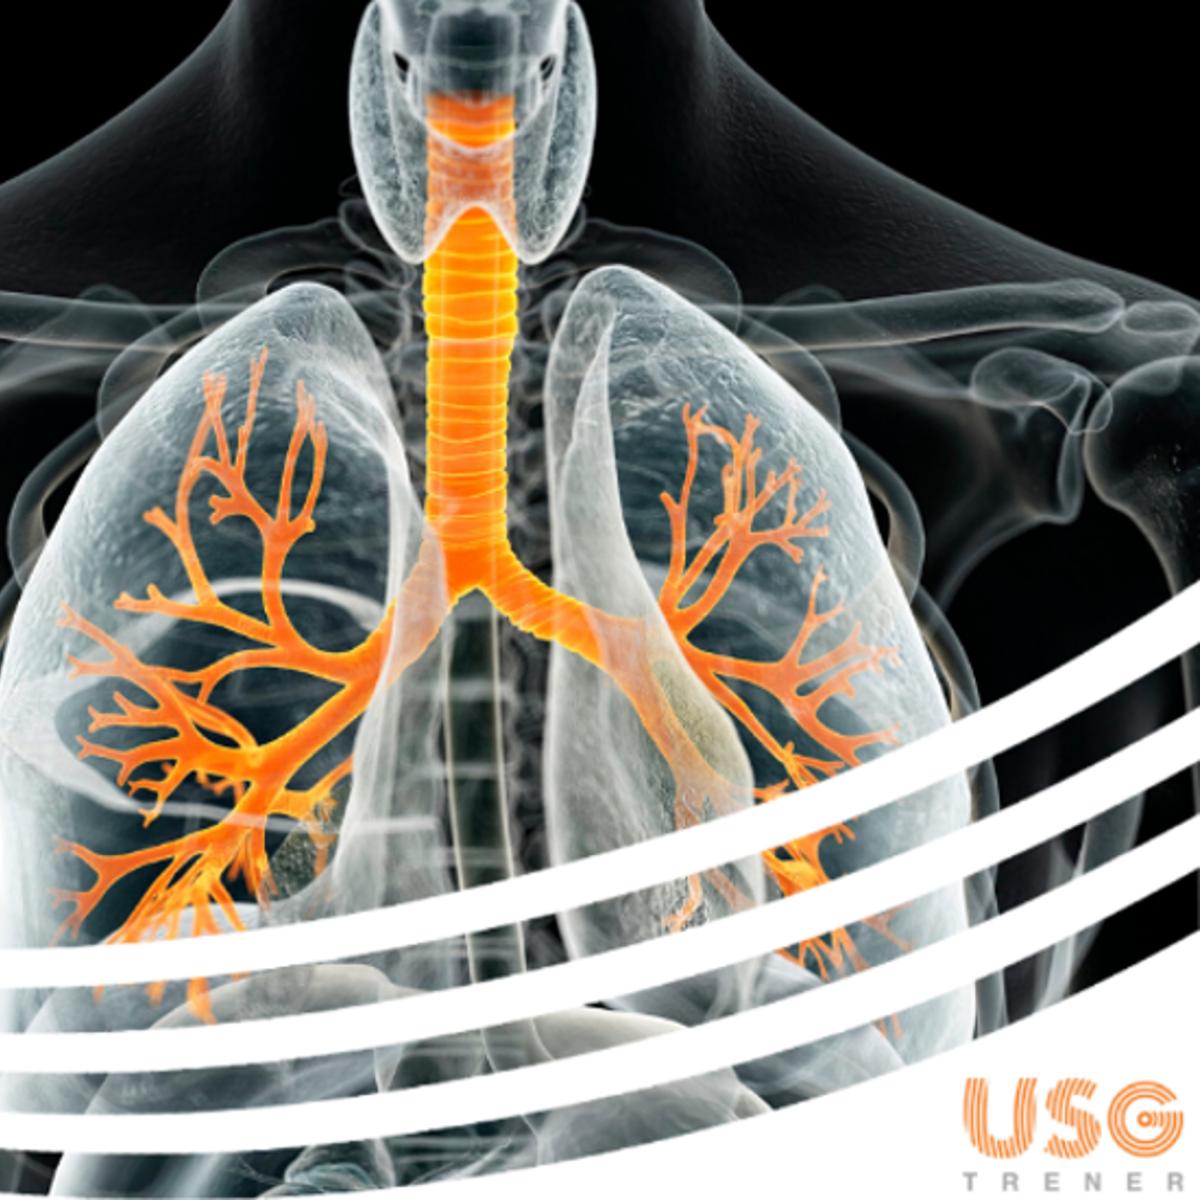 Zapraszamy na Kurs USG Klatki Piersiowej w Lesznie - Portal wymiany wiedzy o ultrasonografii - Eduson